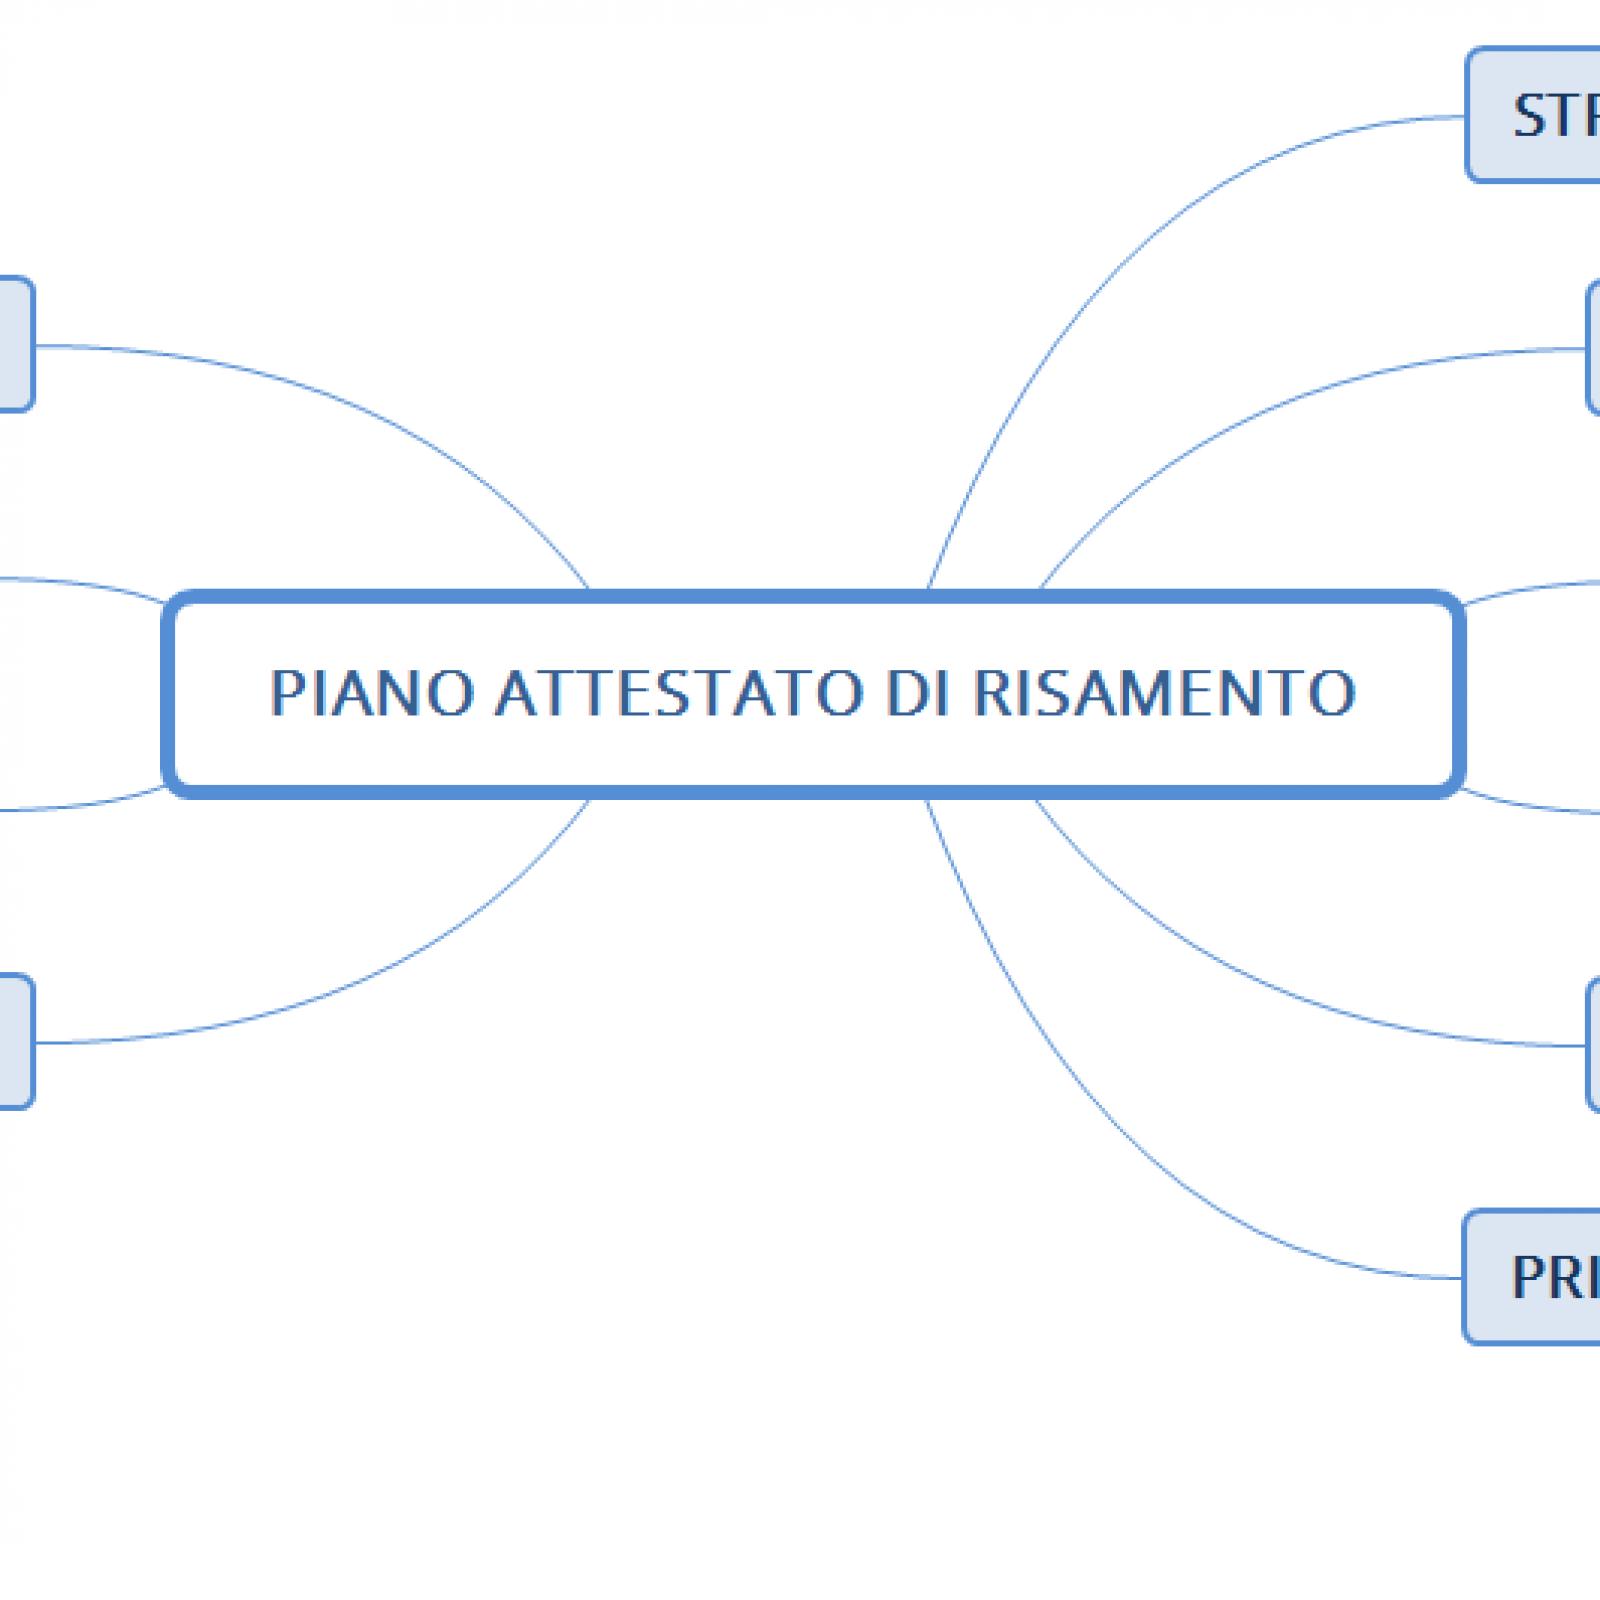 Strumenti per l'emergenza COVID-19: il piano attestato di risanamento